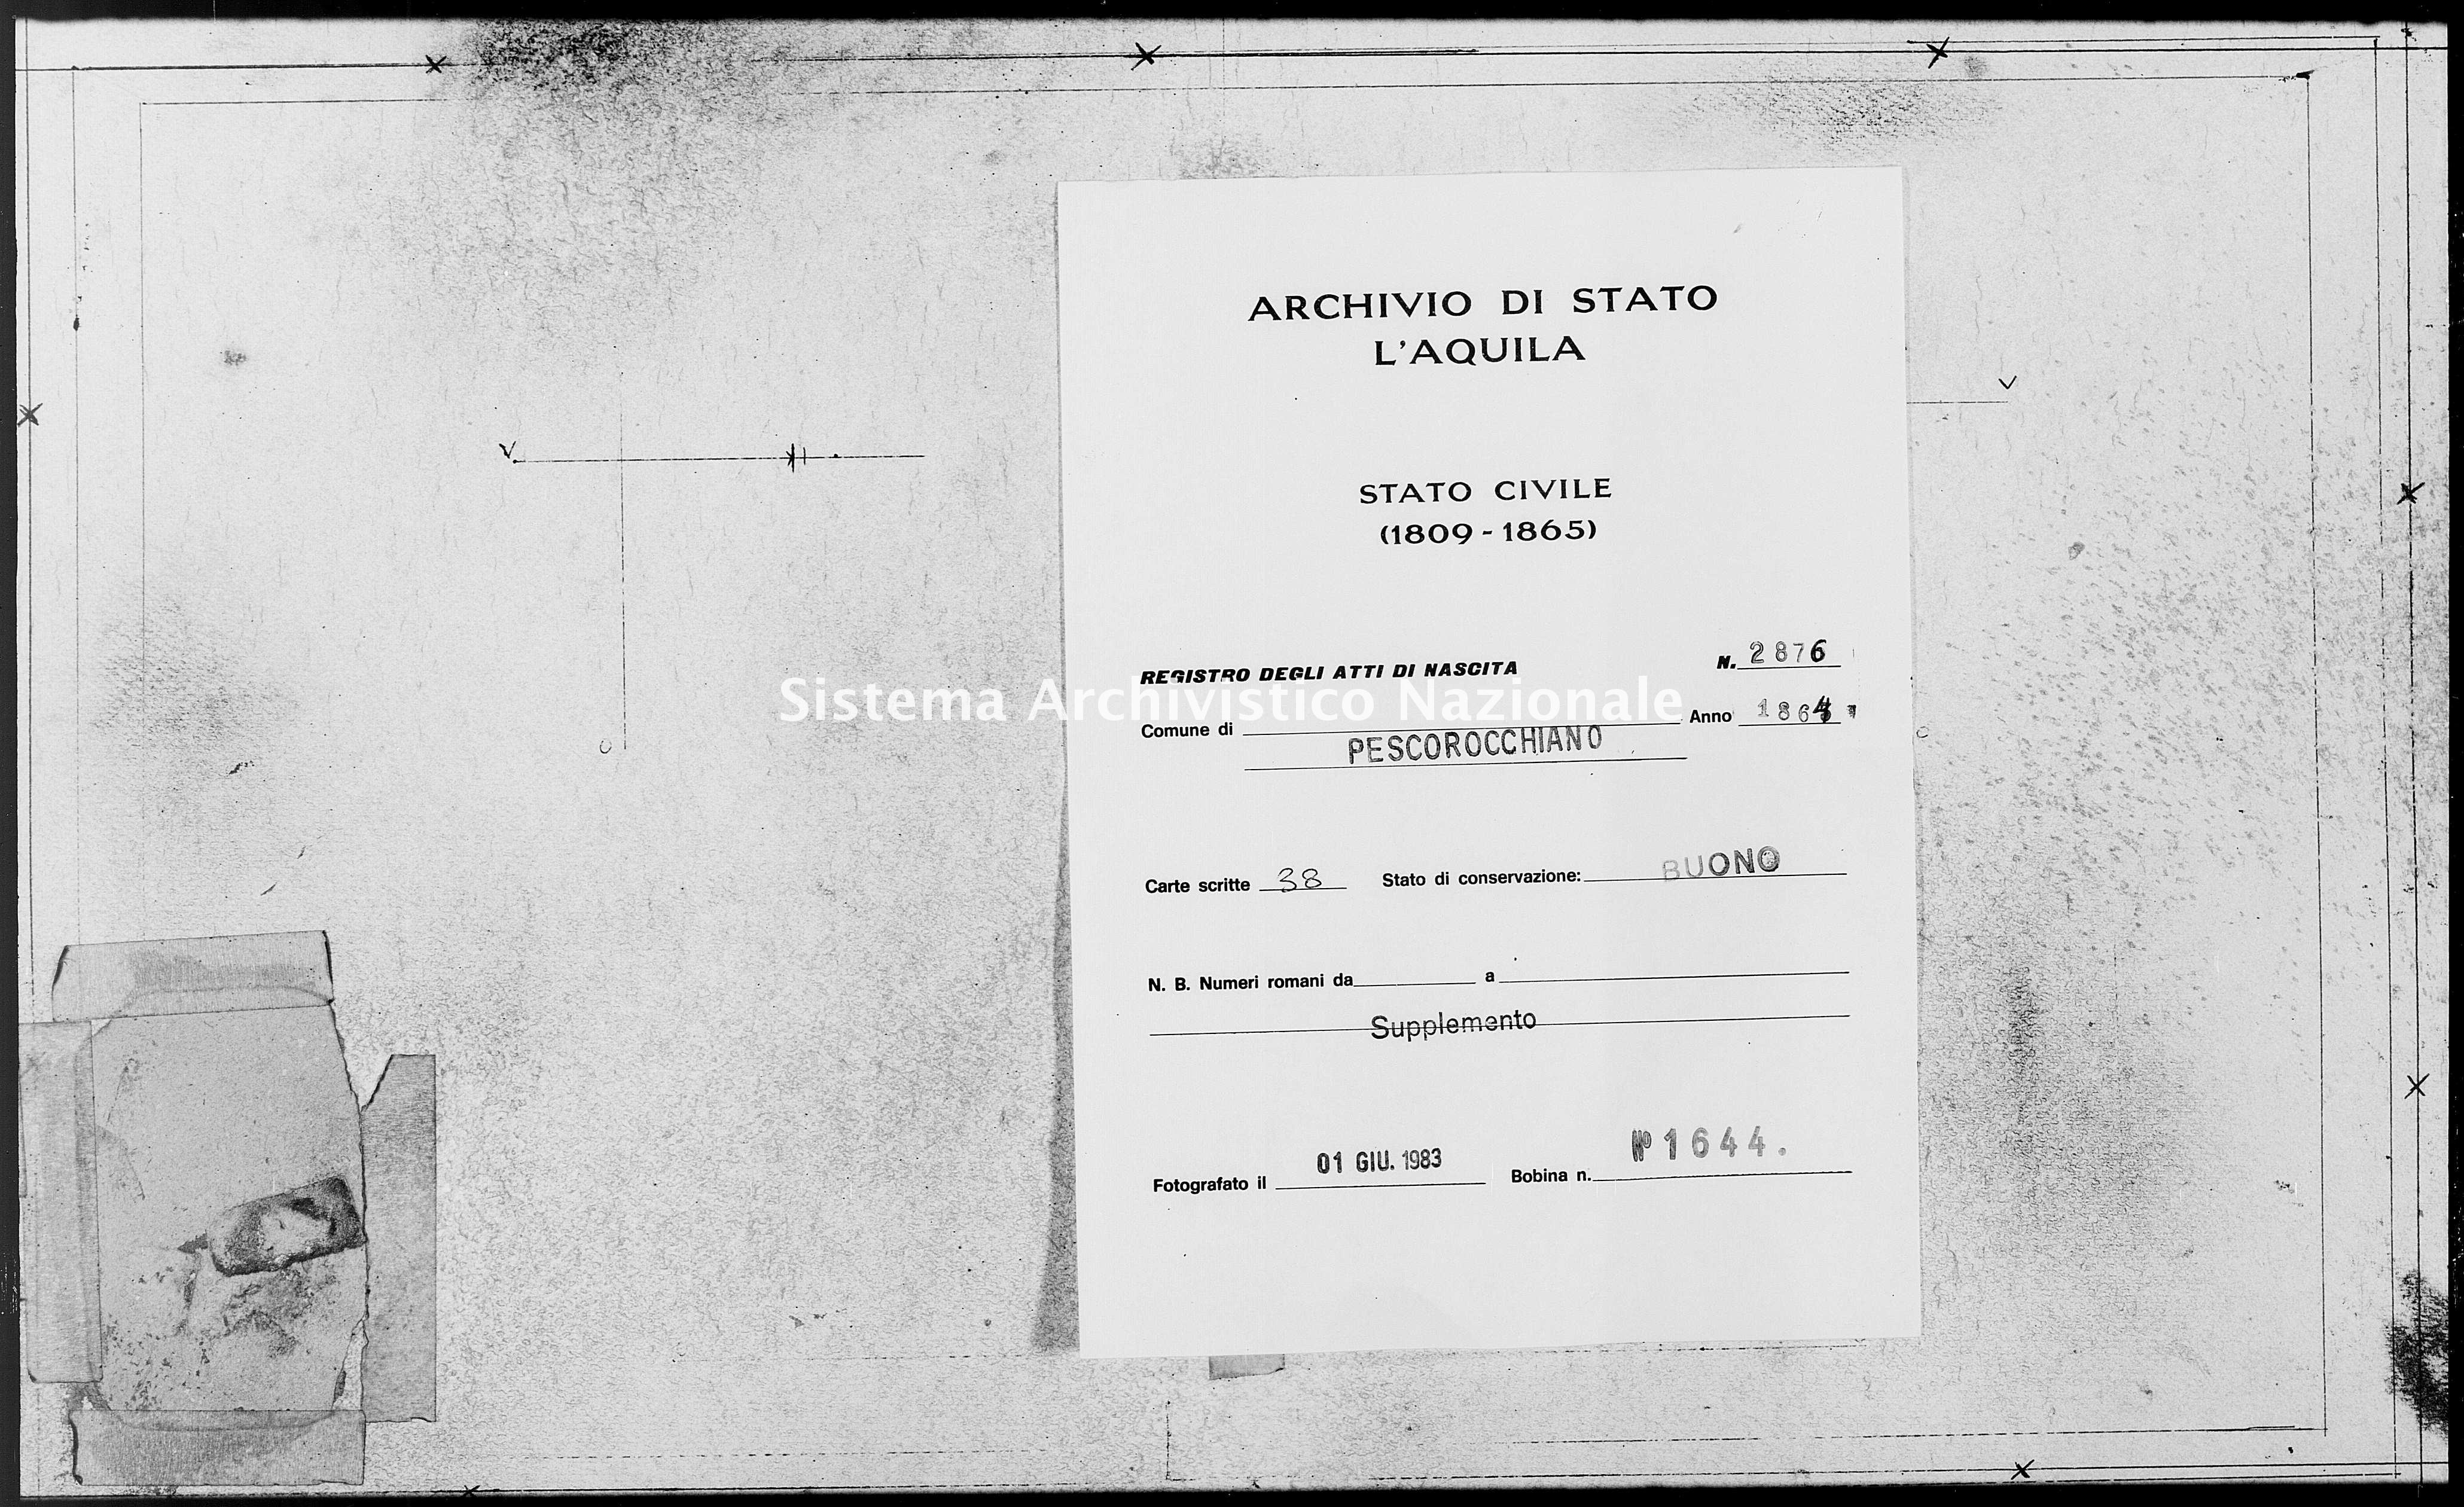 Archivio di stato di L'aquila - Stato civile italiano - Pescorocchiano - Nati, battesimi - 1864 - 2876 -